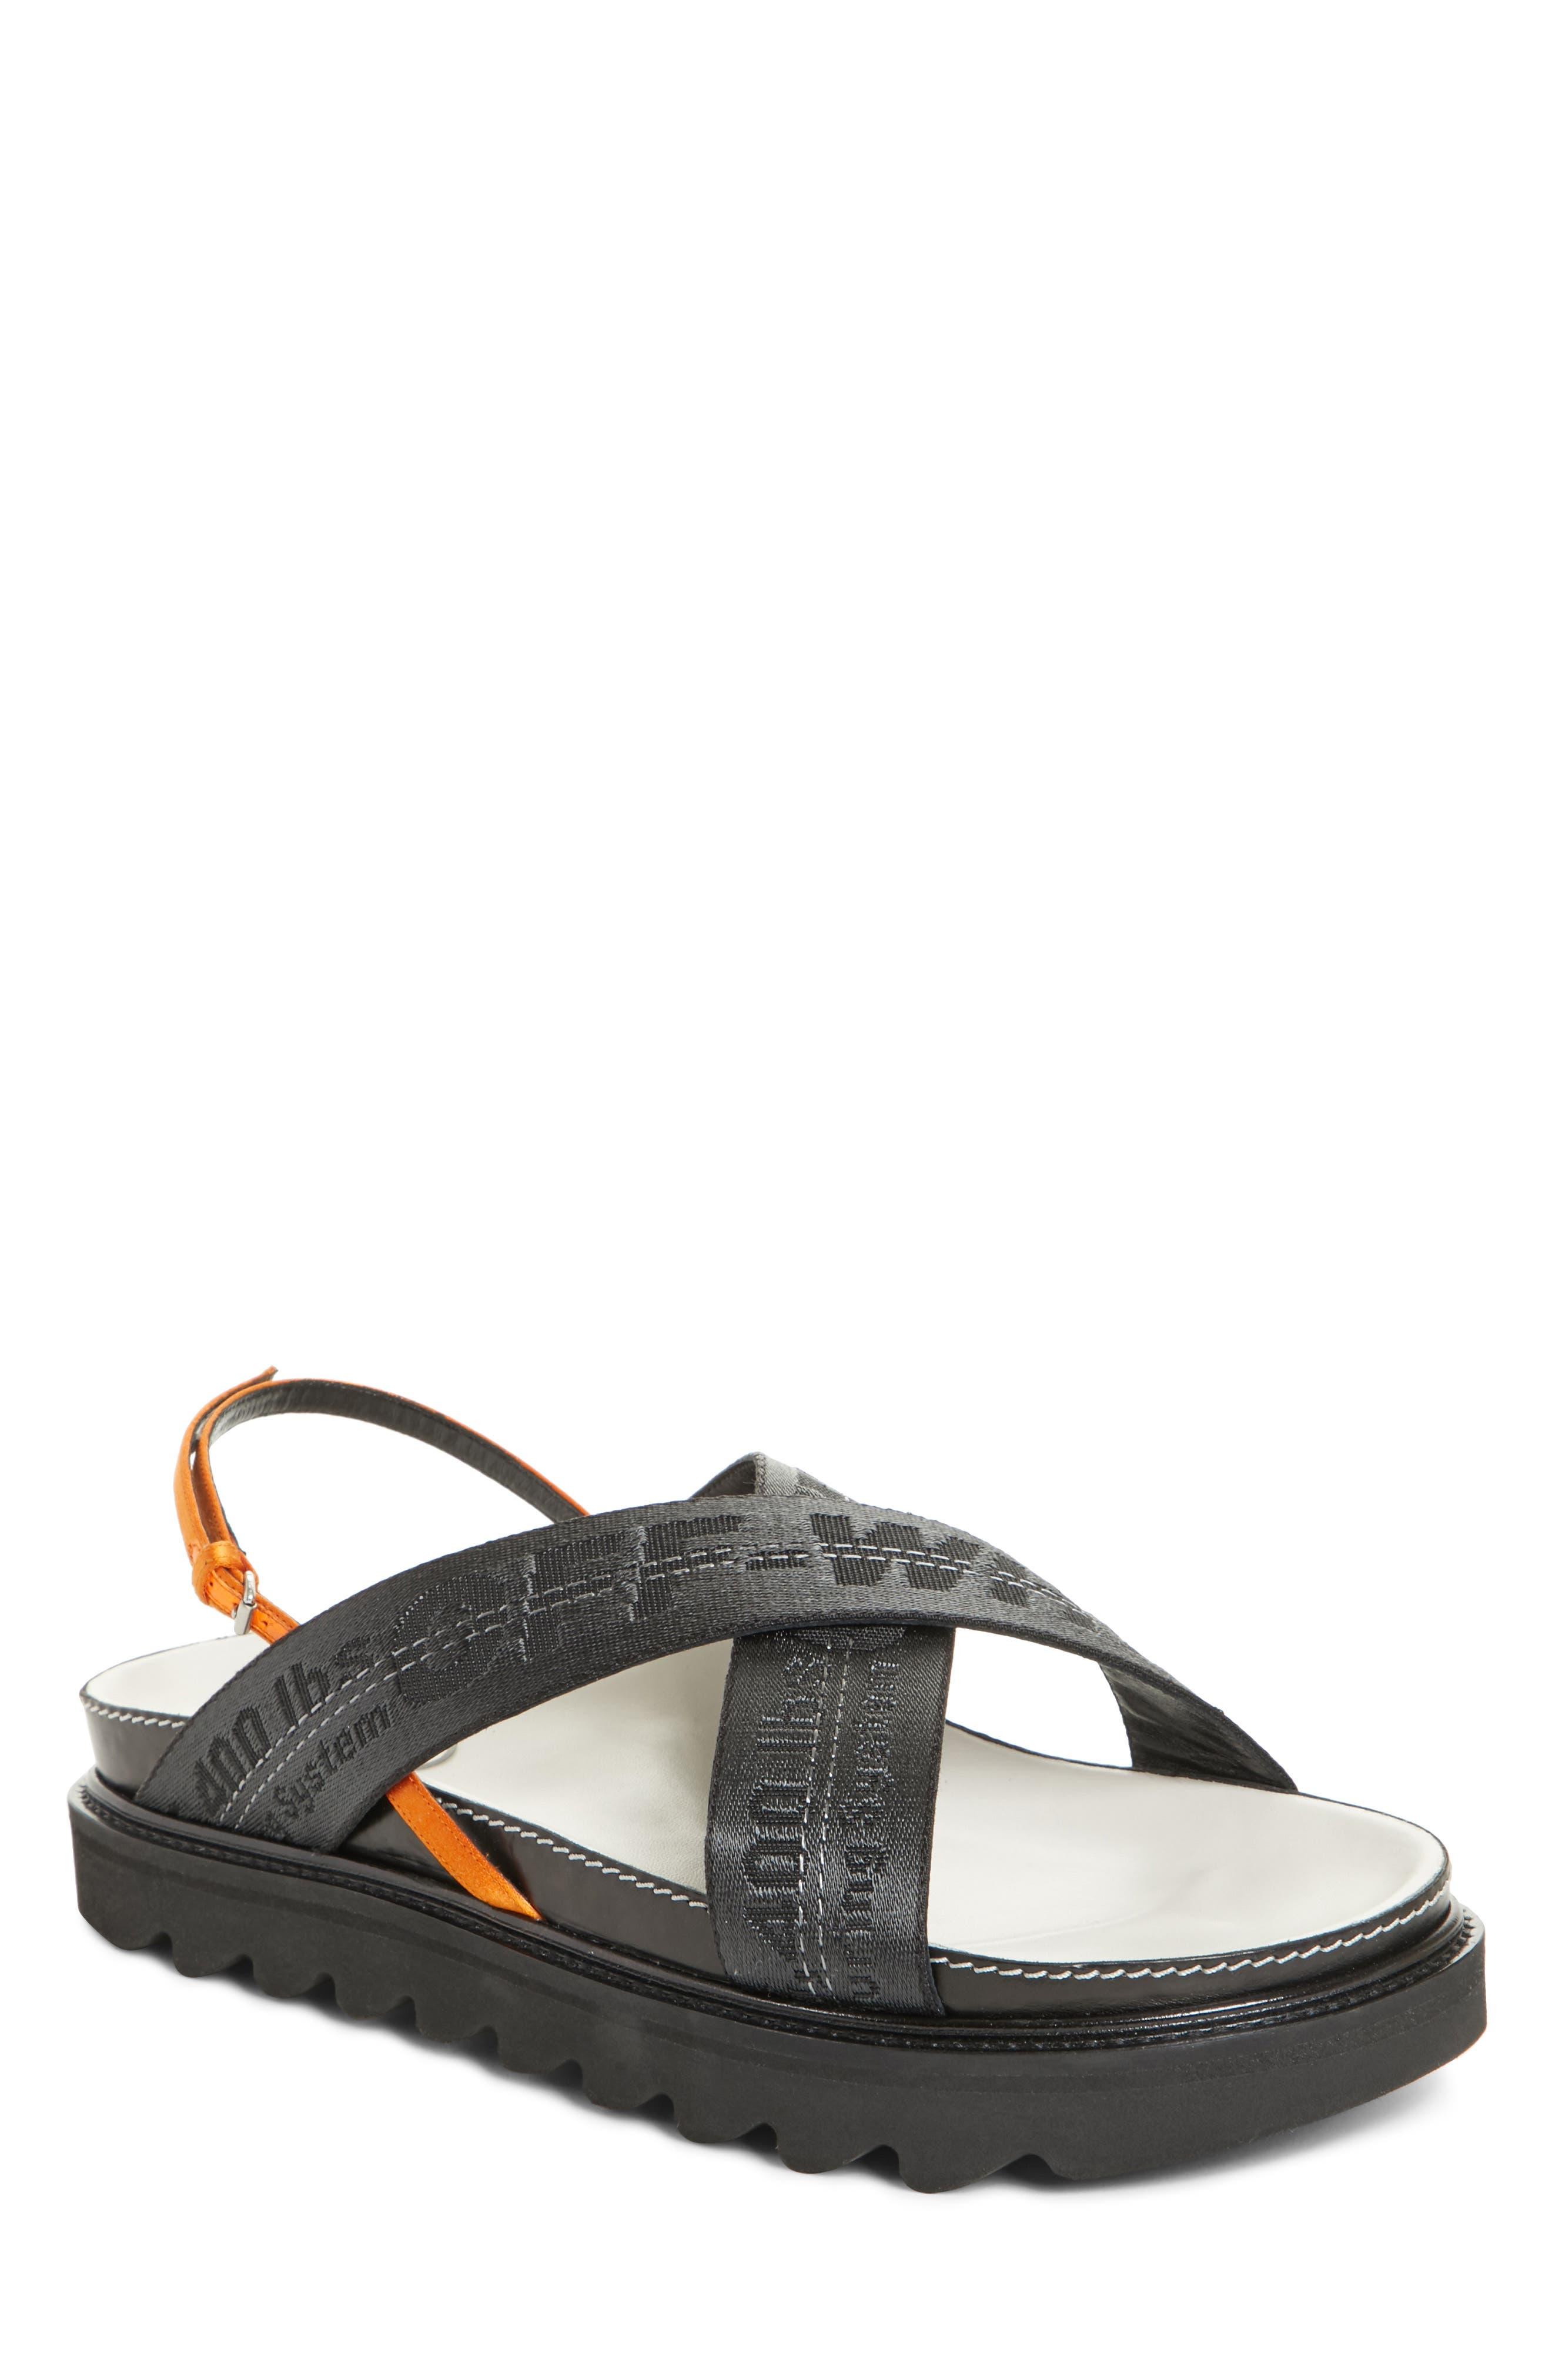 Industrial Belt Sandal,                         Main,                         color, Black Black